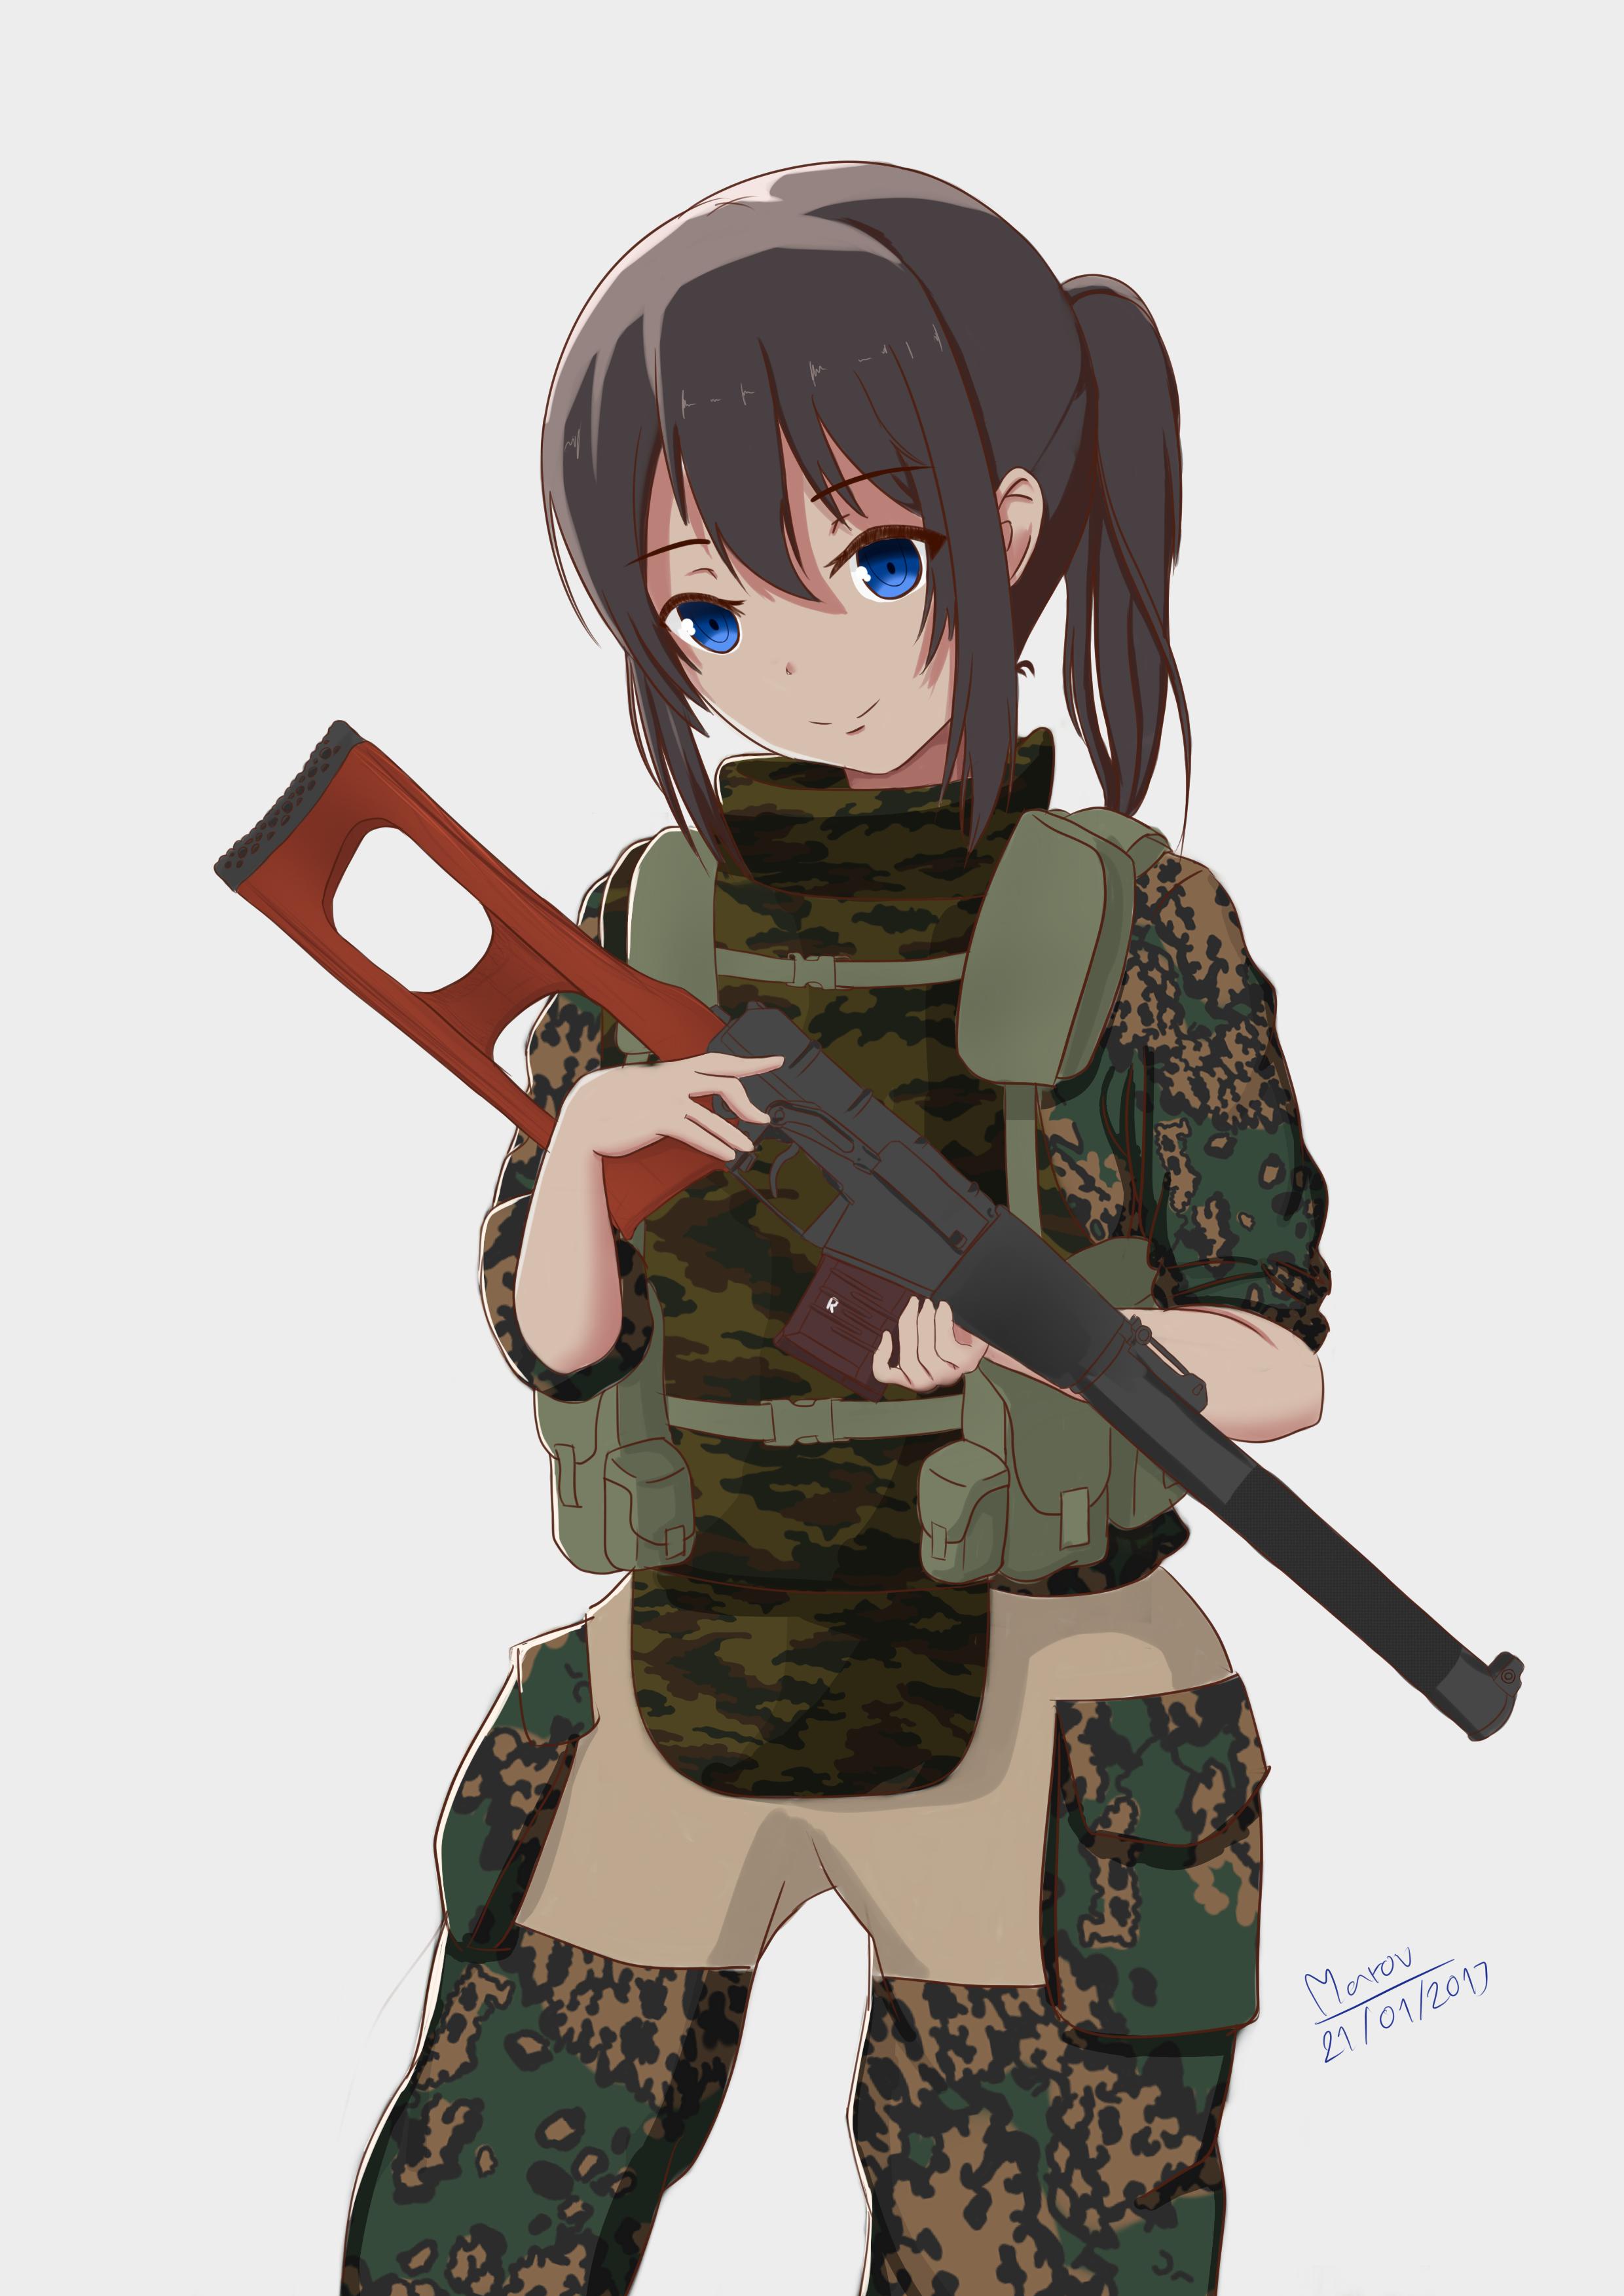 ヴィントレツ Anime Girls (Girls n Guns) Pinterest Anime